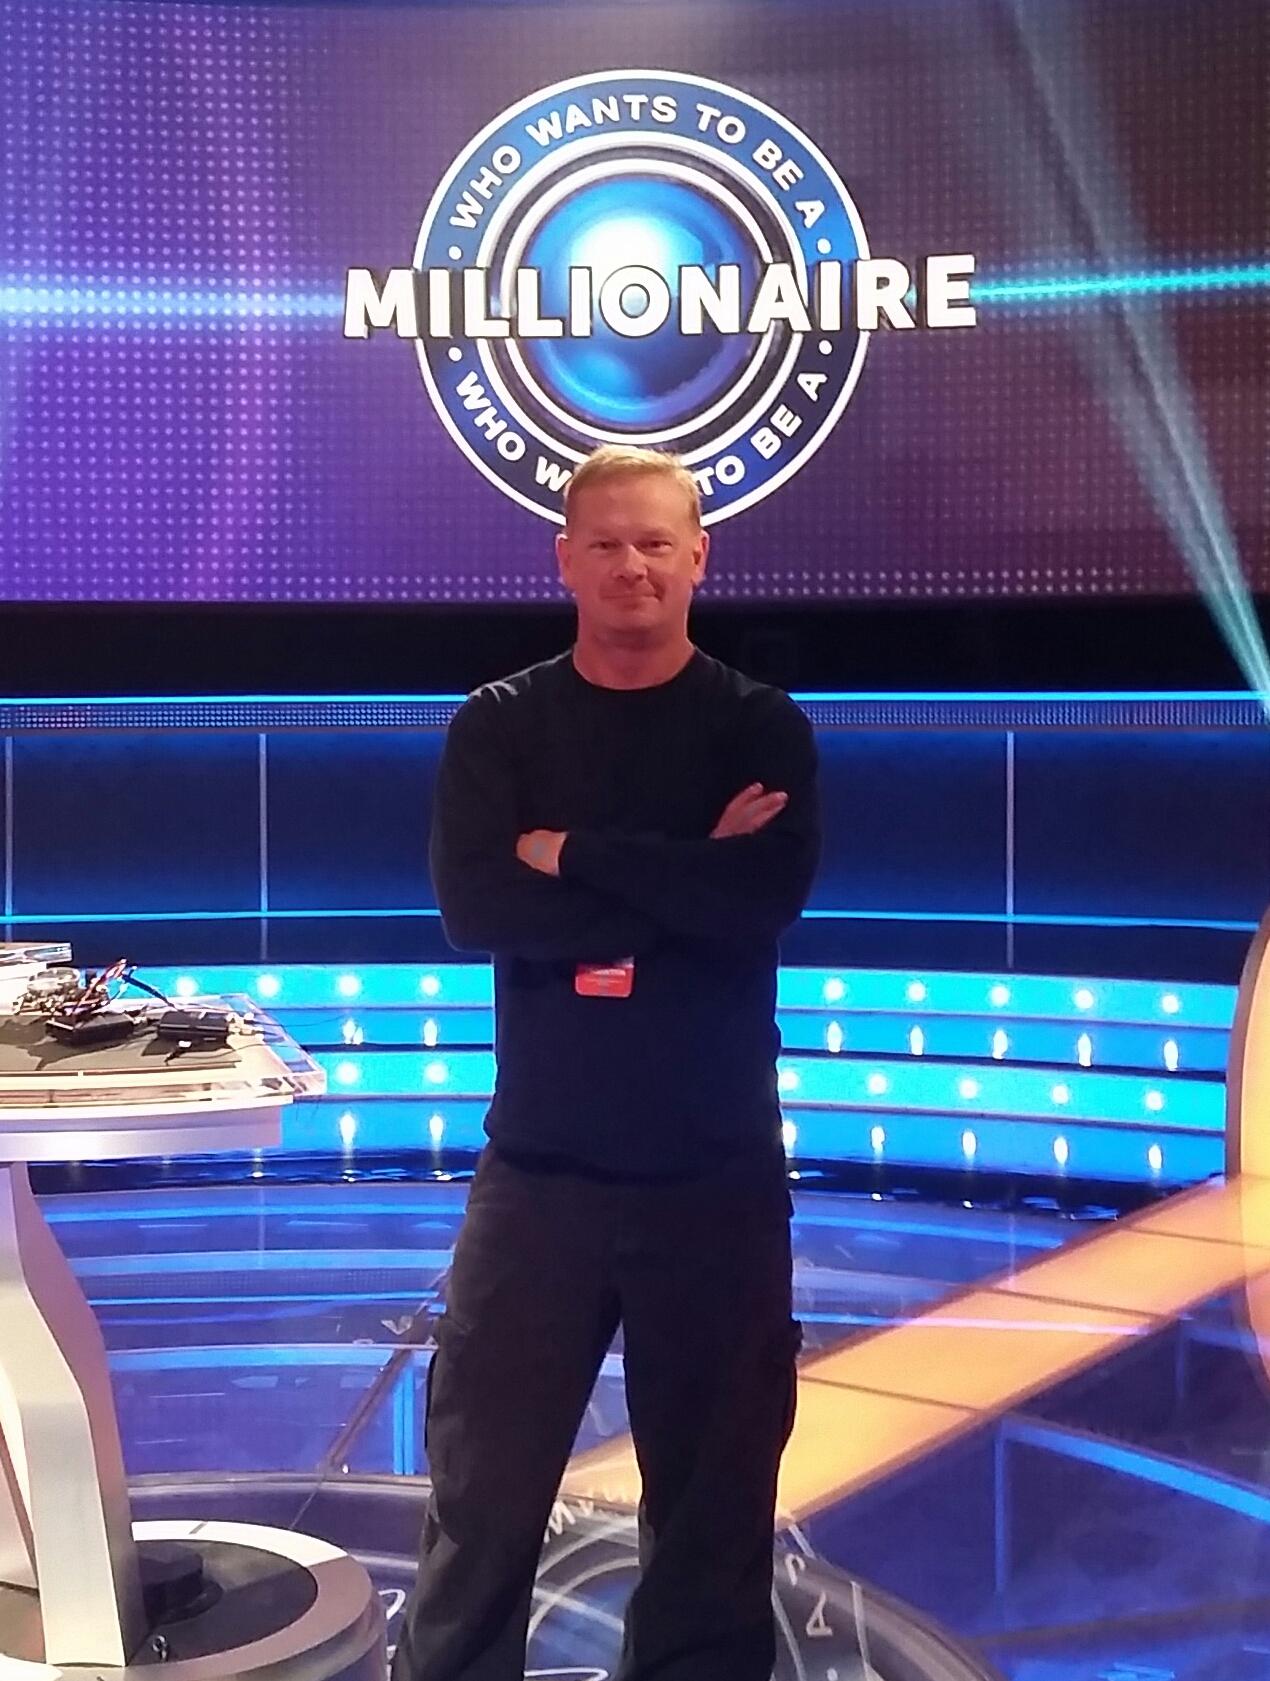 Millionaire.jpg